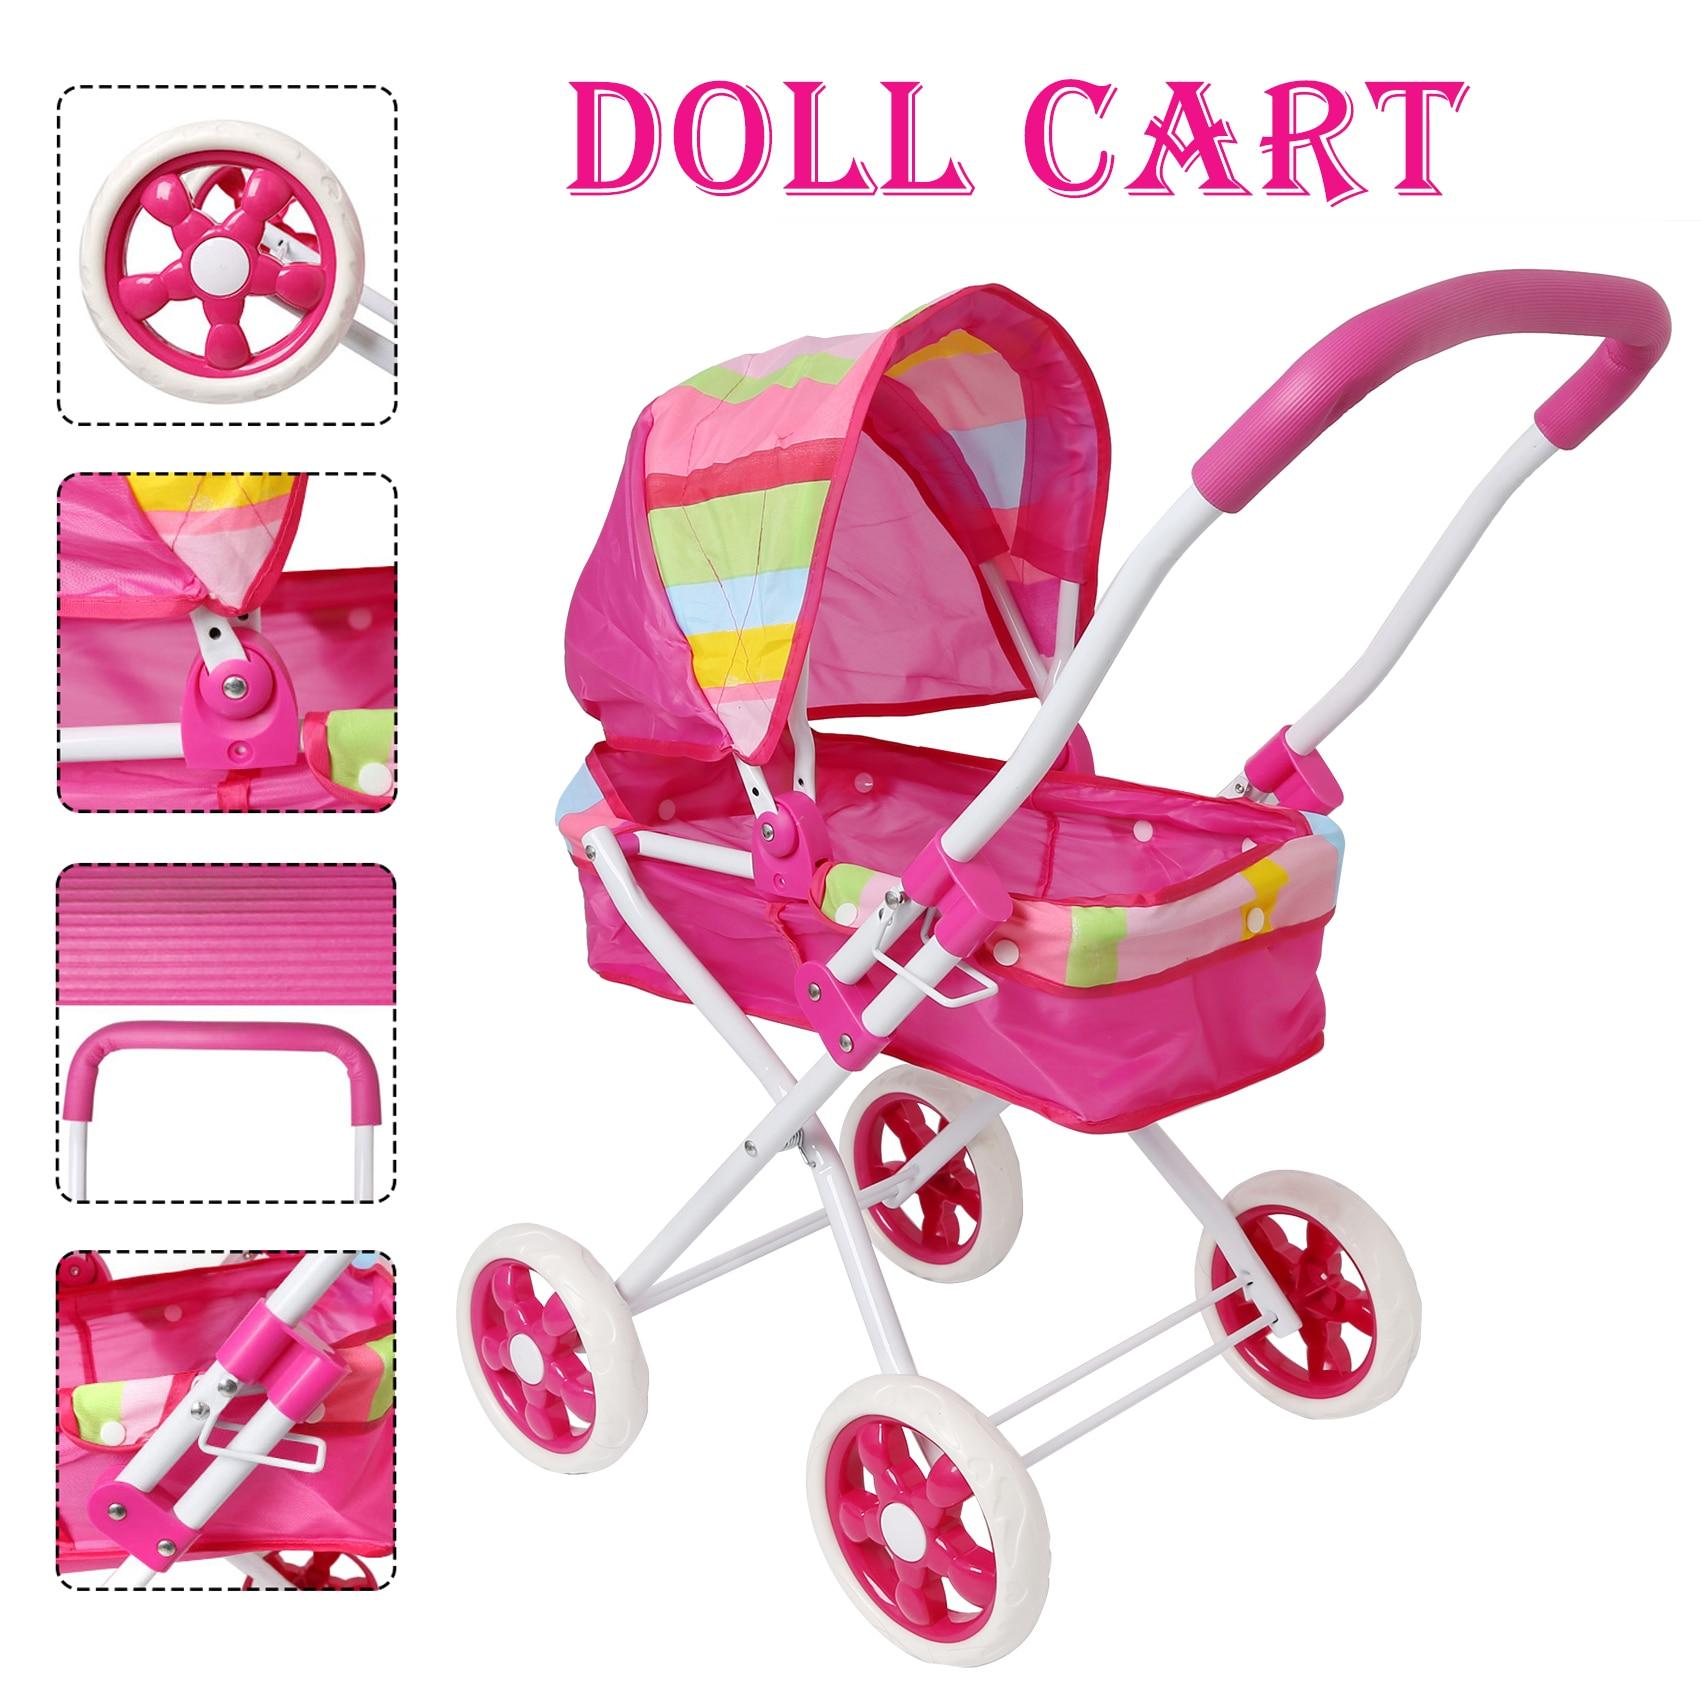 Bébé poupées accessoires poupée poussette pliable poussette landau poussette sûre poupées calèches prétendument jouer meubles jouet pour enfants